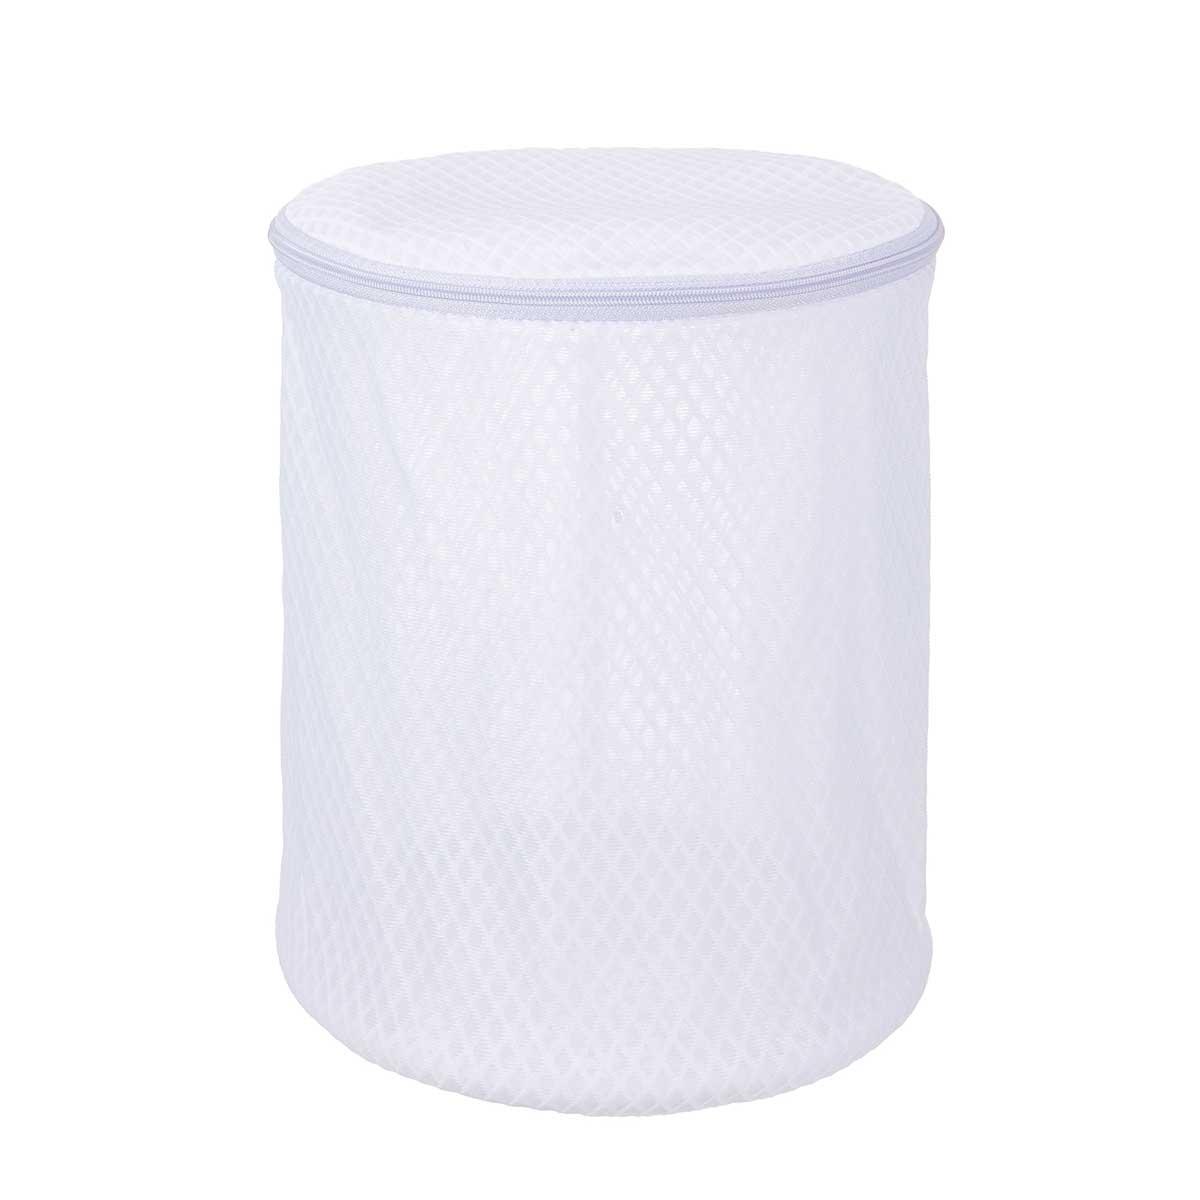 와코루 속옷 전용 세탁망(WWN9394)